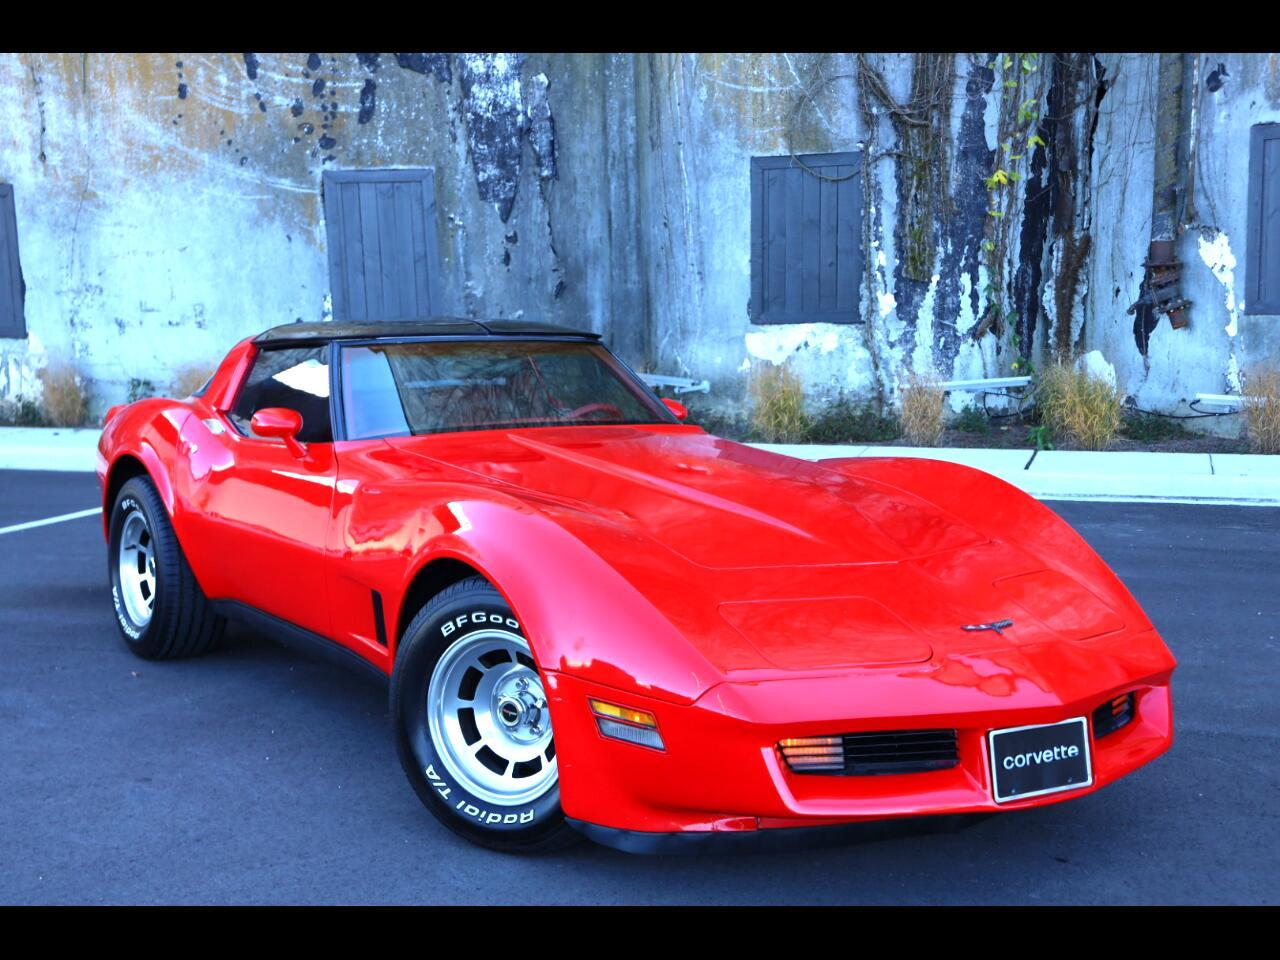 Chevrolet Corvette 2dr Coupe 1981